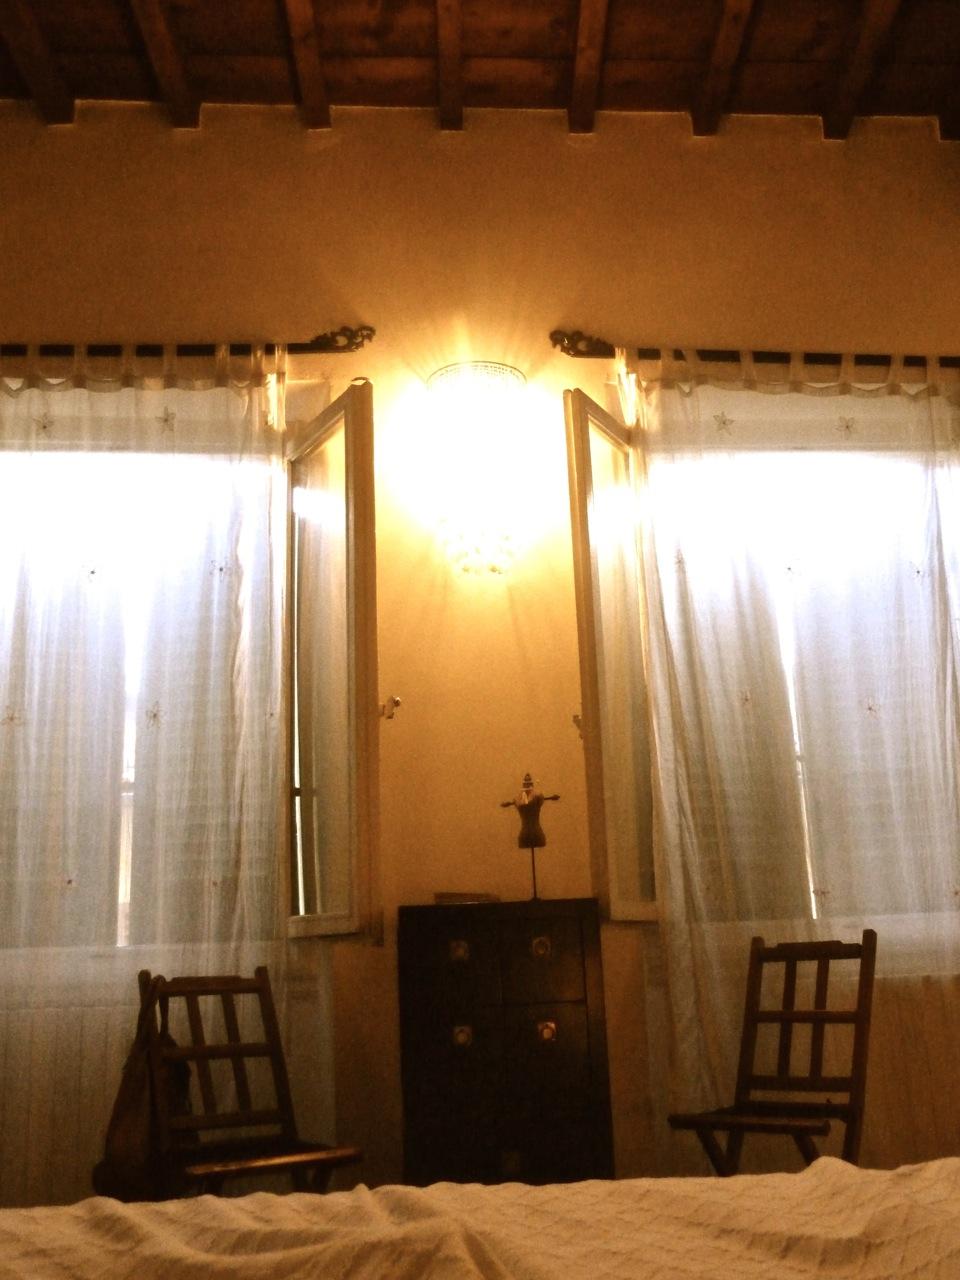 Um detalhe do quarto com 2 janelas (que davam para a rua e, por isso, era meio barulhento) e as vigas de madeira no teto.